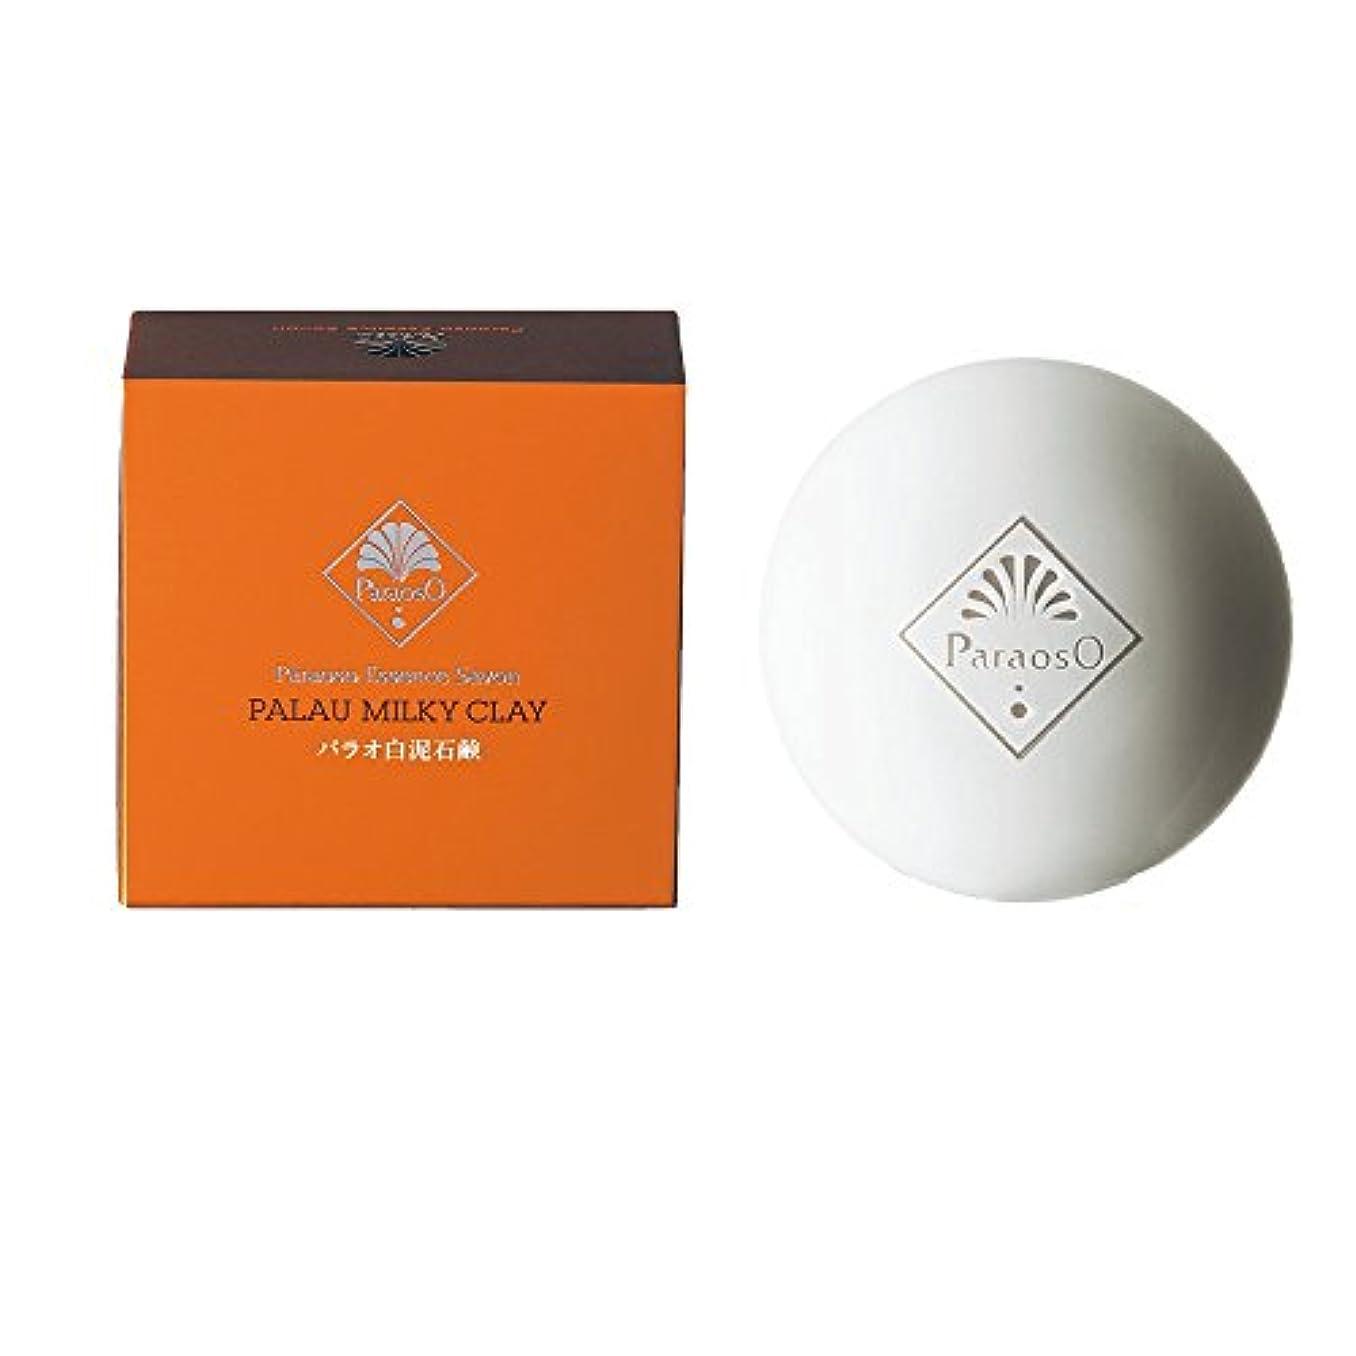 しつけ反毒ほこりっぽいパラオソエッセンスサボン 1個 +洗顔ネット